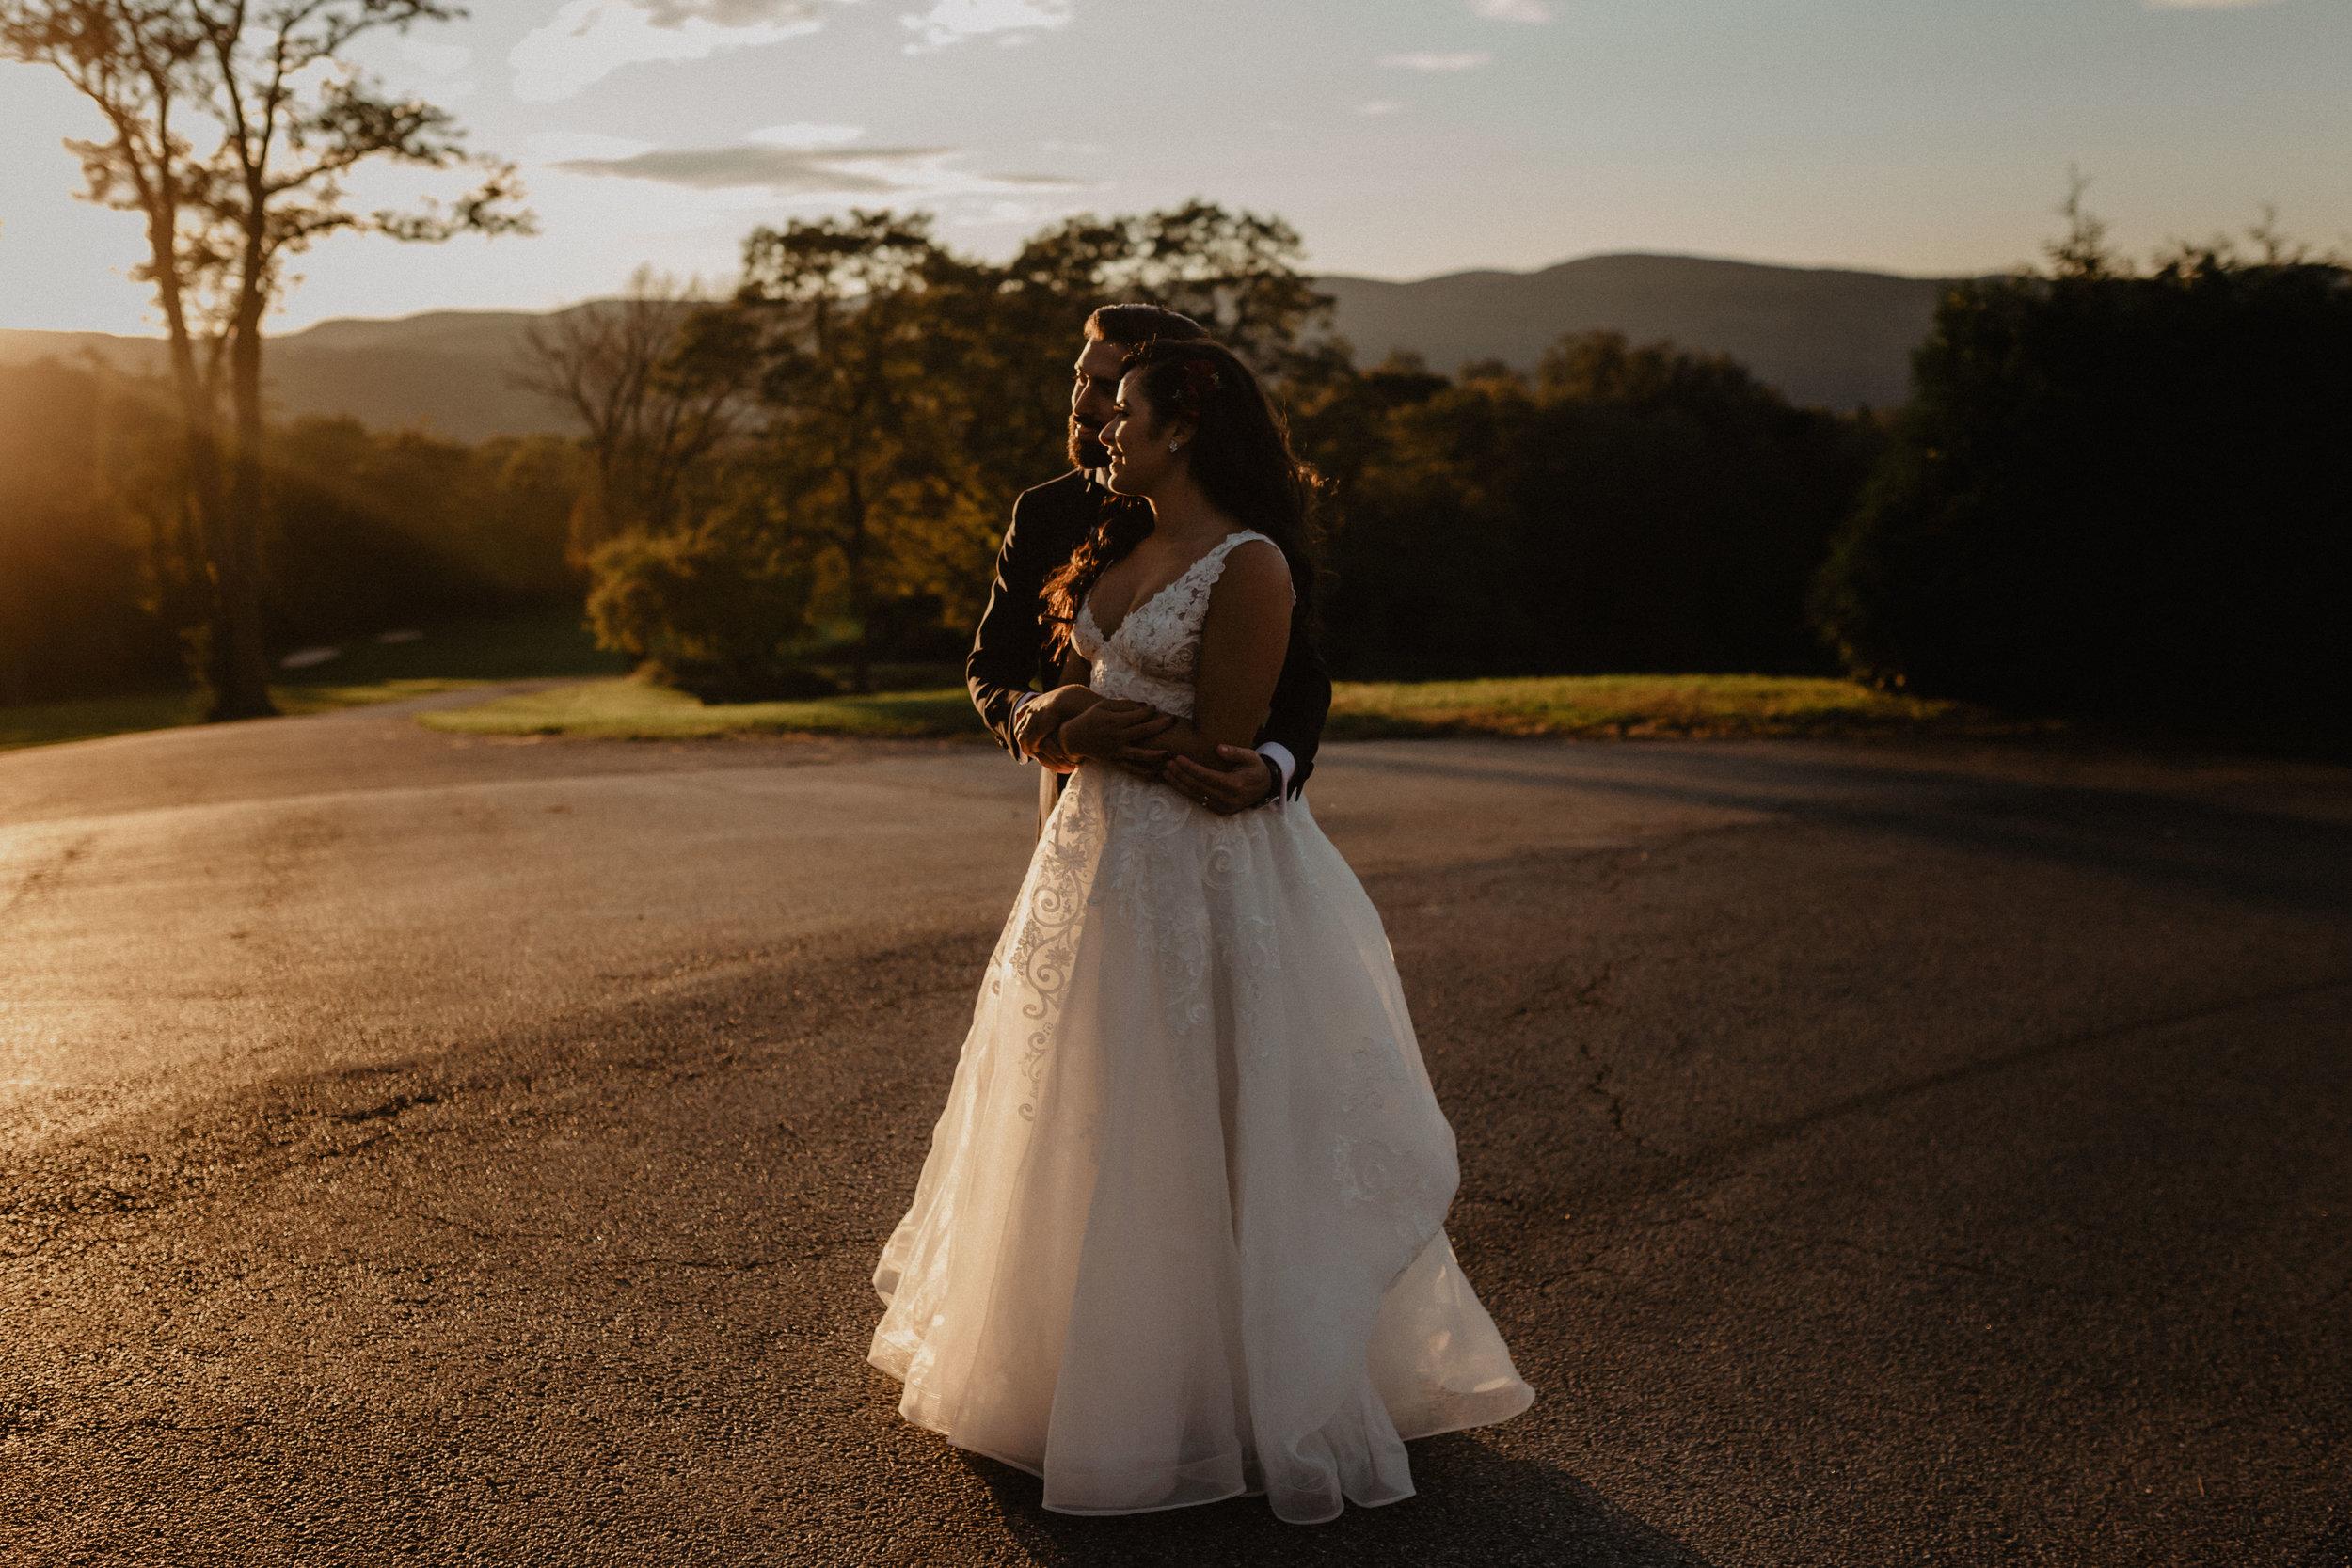 garrison_wedding_photos_067.jpg